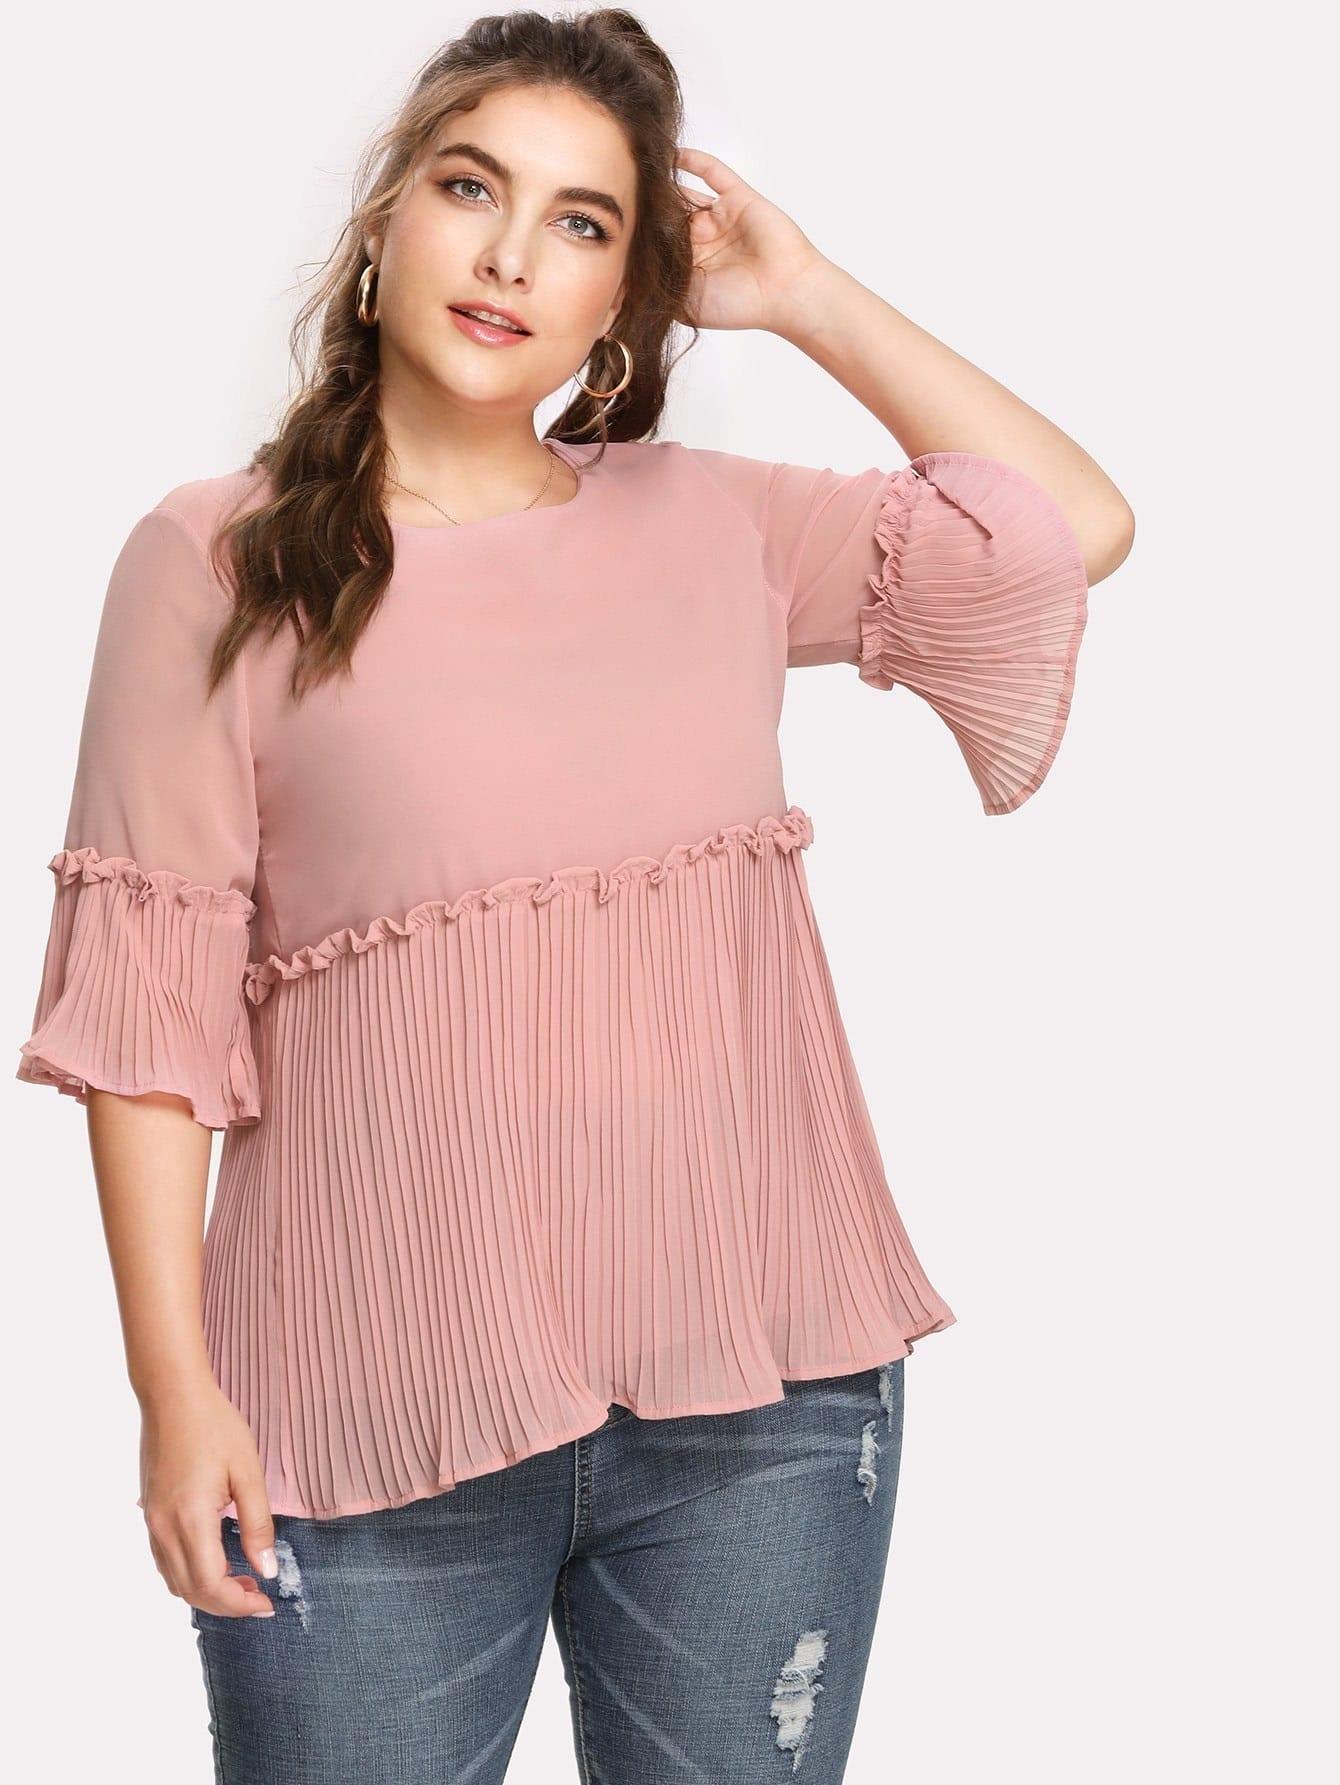 Плиссированная деталь Frill Trim Шифон блузка